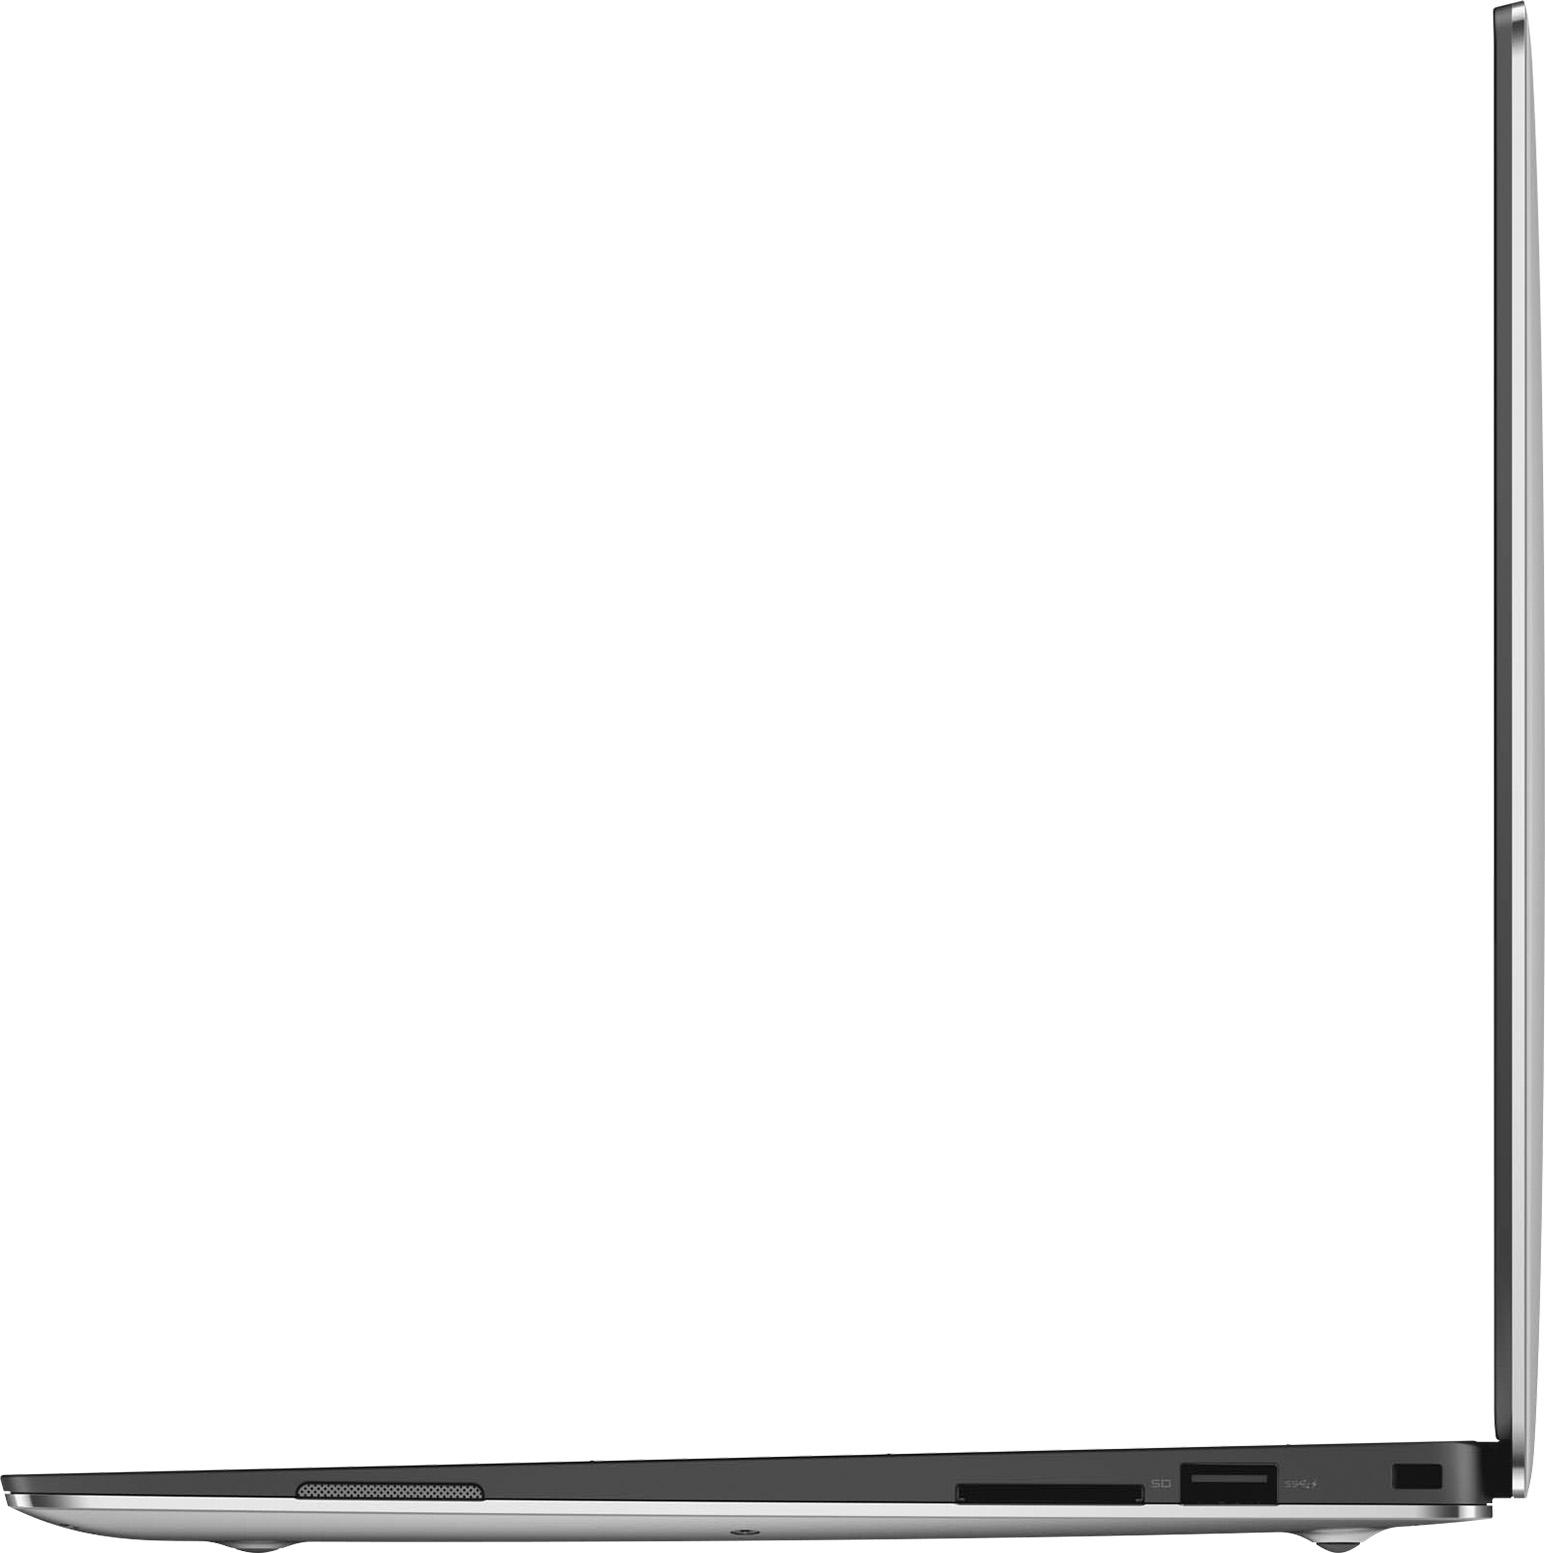 dell xps 15 95500000slv core i5 256gb signature edition laptop